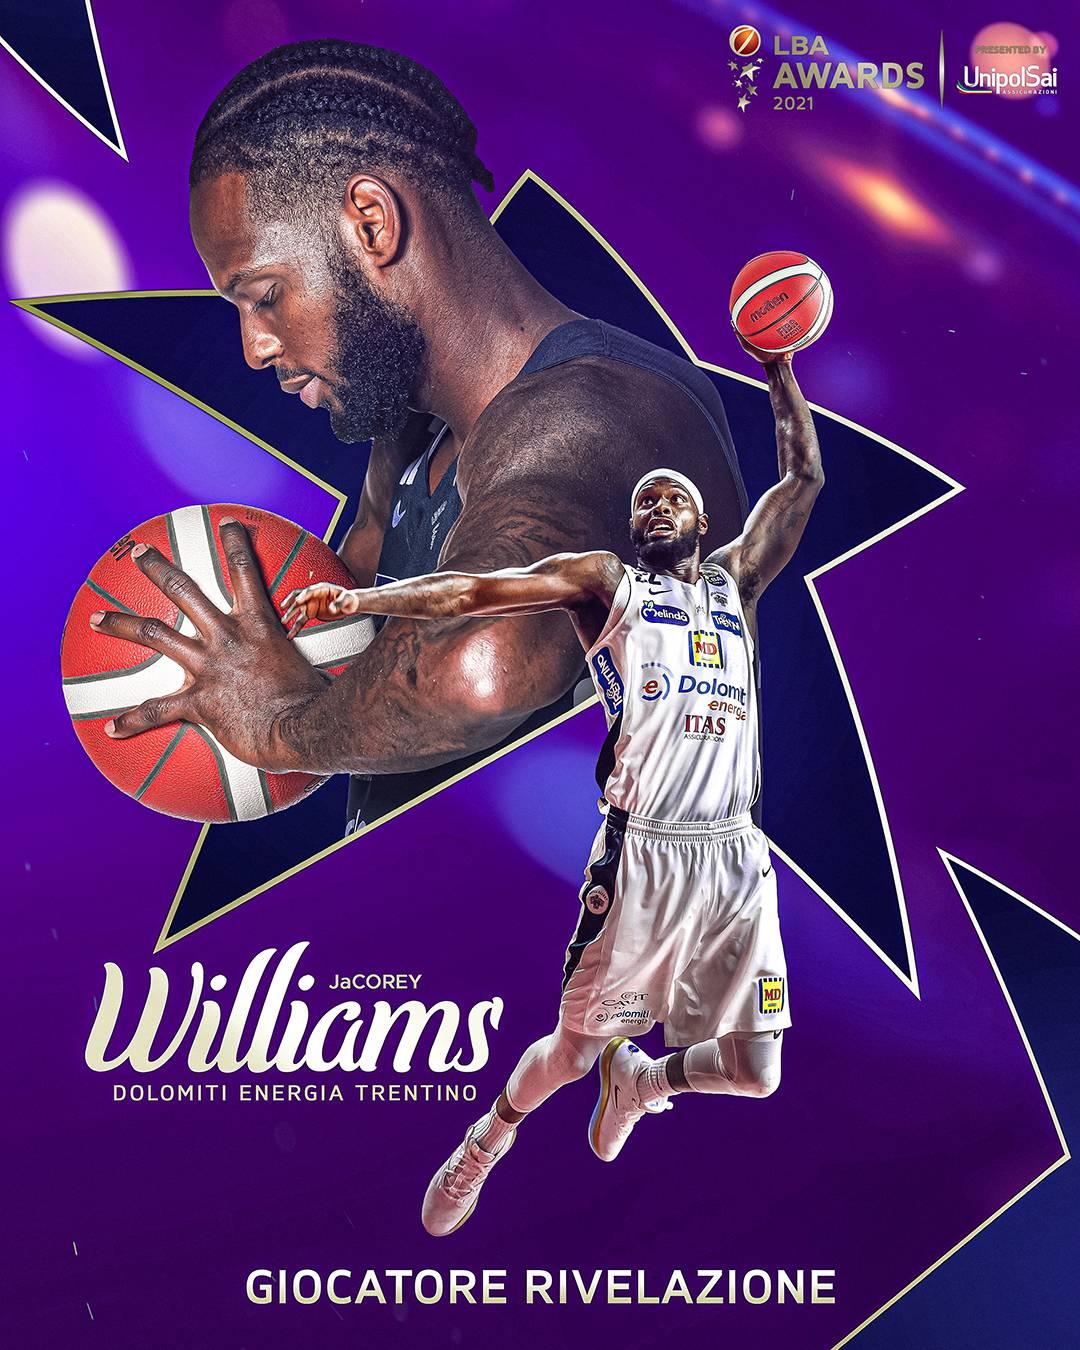 JaCorey Williams è il giocatore rivelazione della LBA 2020-2021